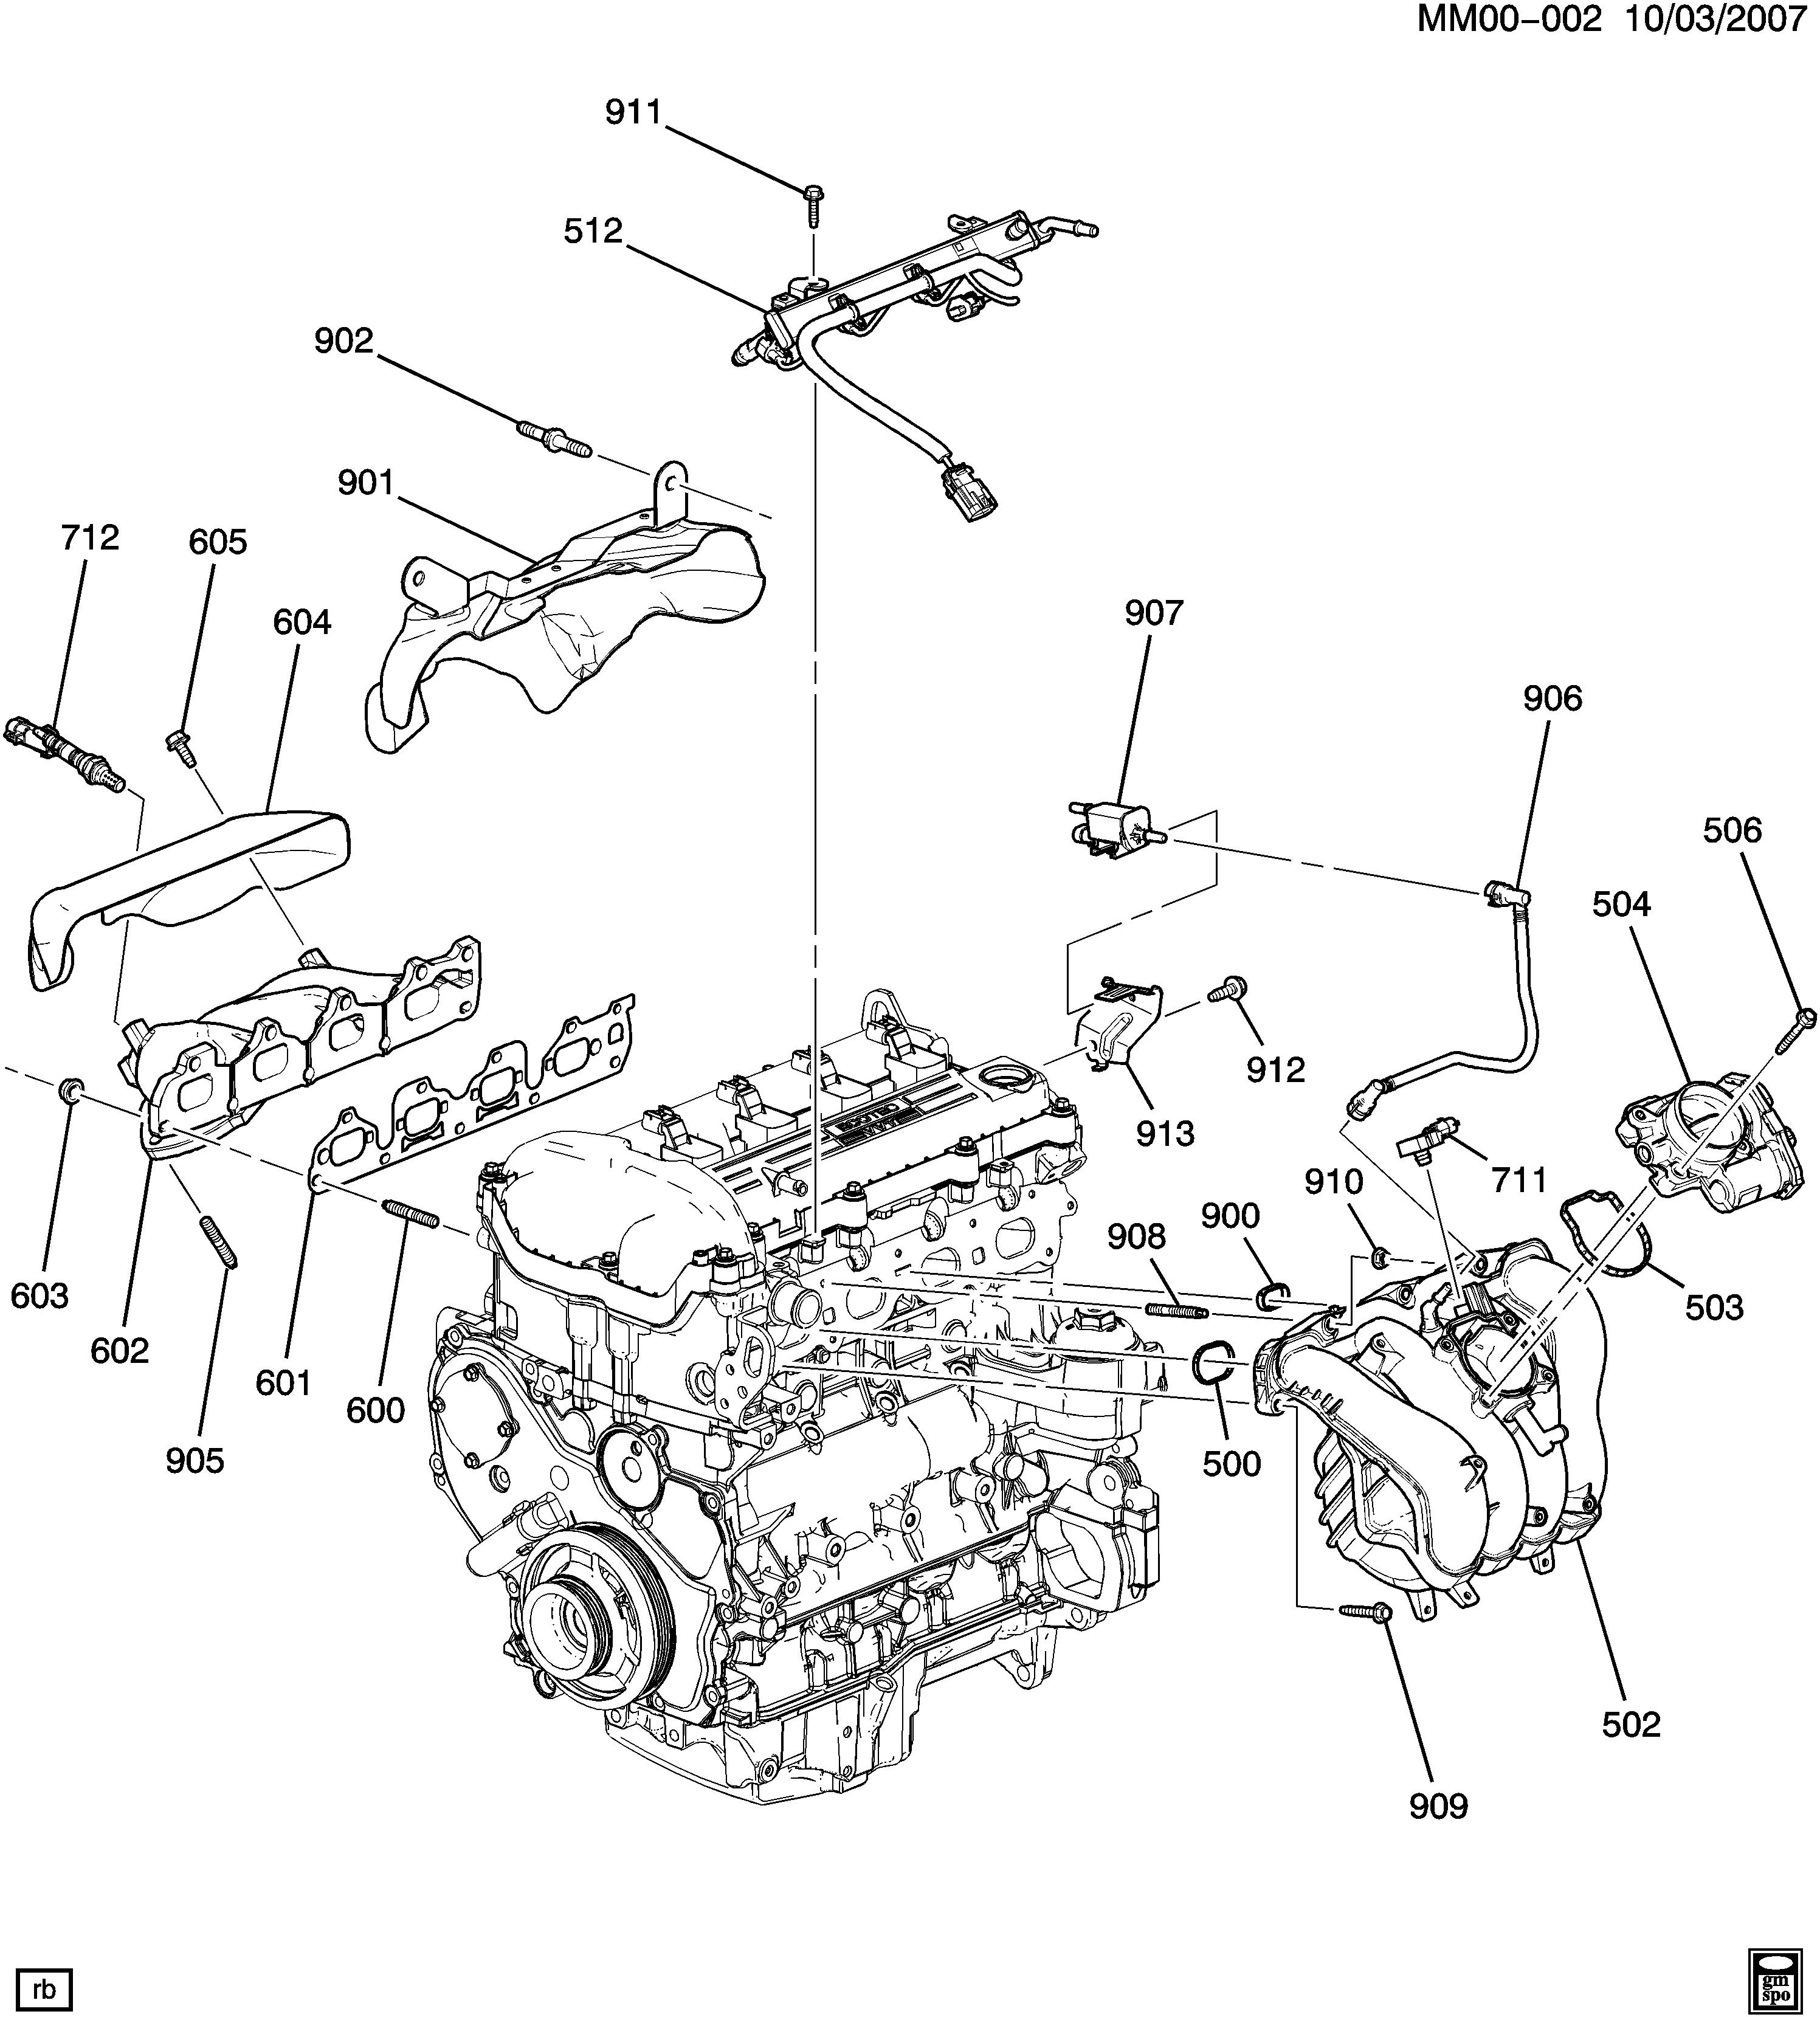 saturn sky - m engine asm-2.4l l4 part 6 manifolds & fuel related parts  (le5/2.4b) > epc online > nemiga.com  parts catalogs